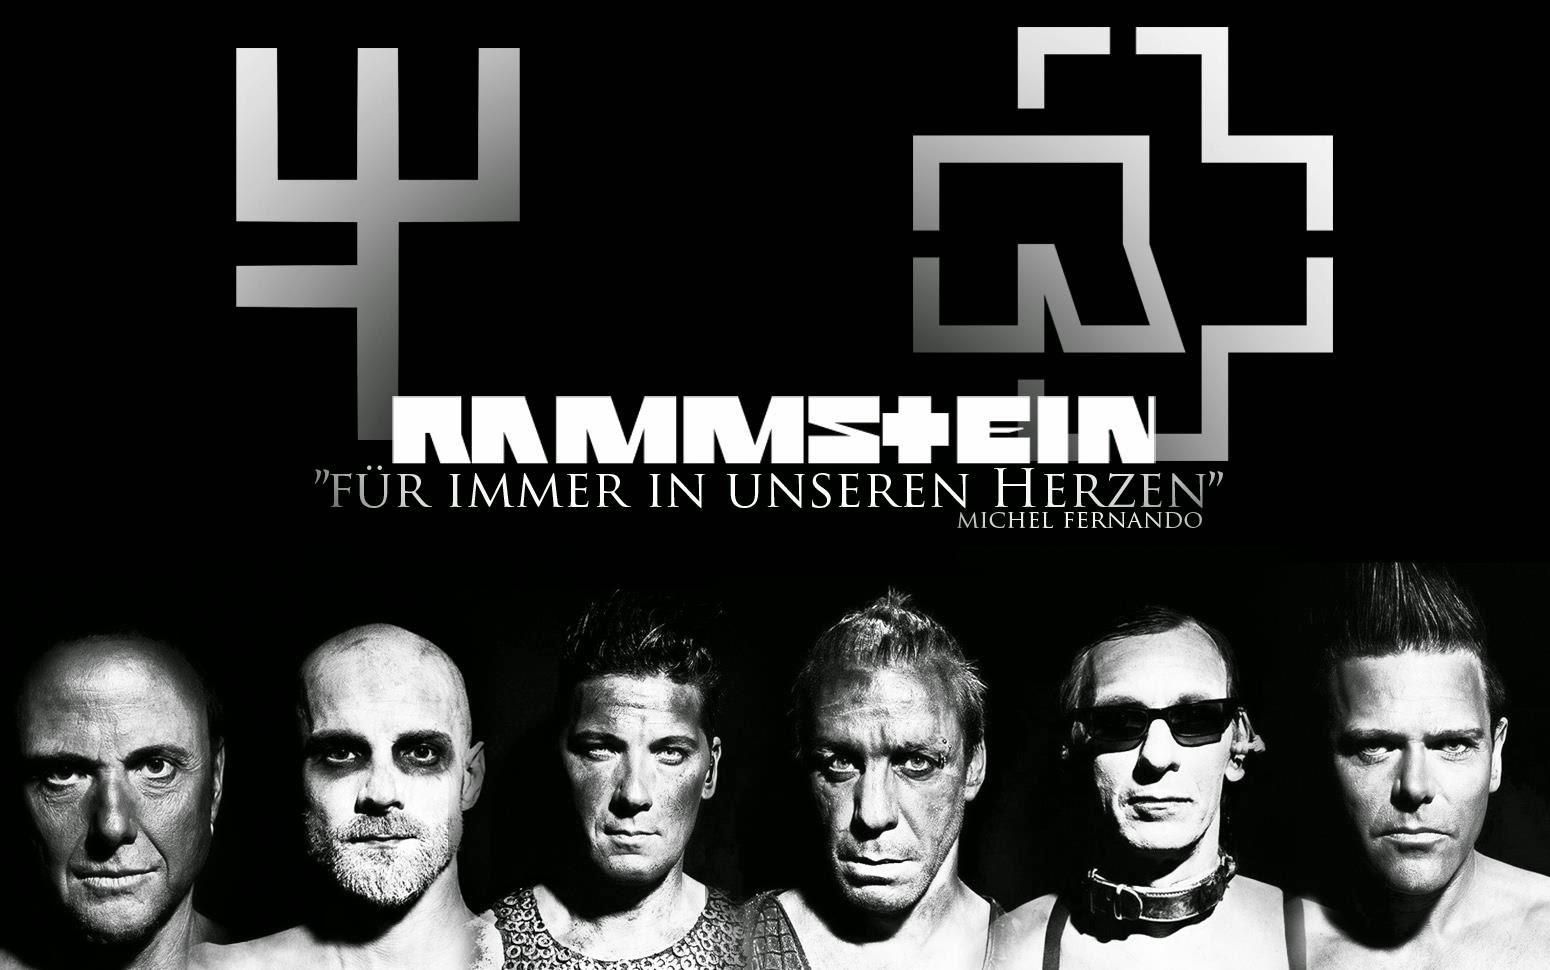 Rammstein FTW